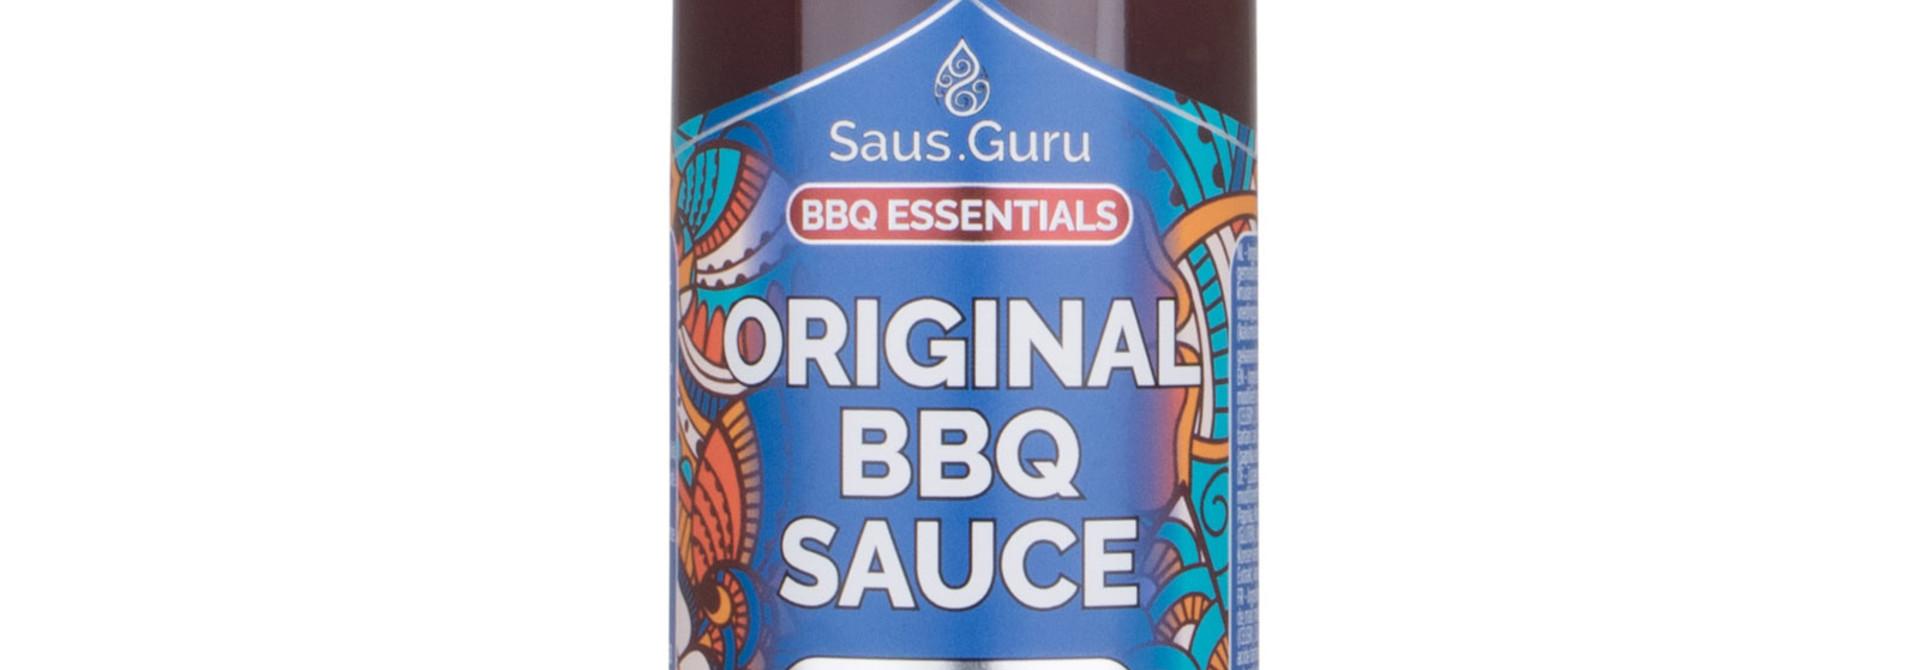 Saus.Guru's Original BBQ Sauce